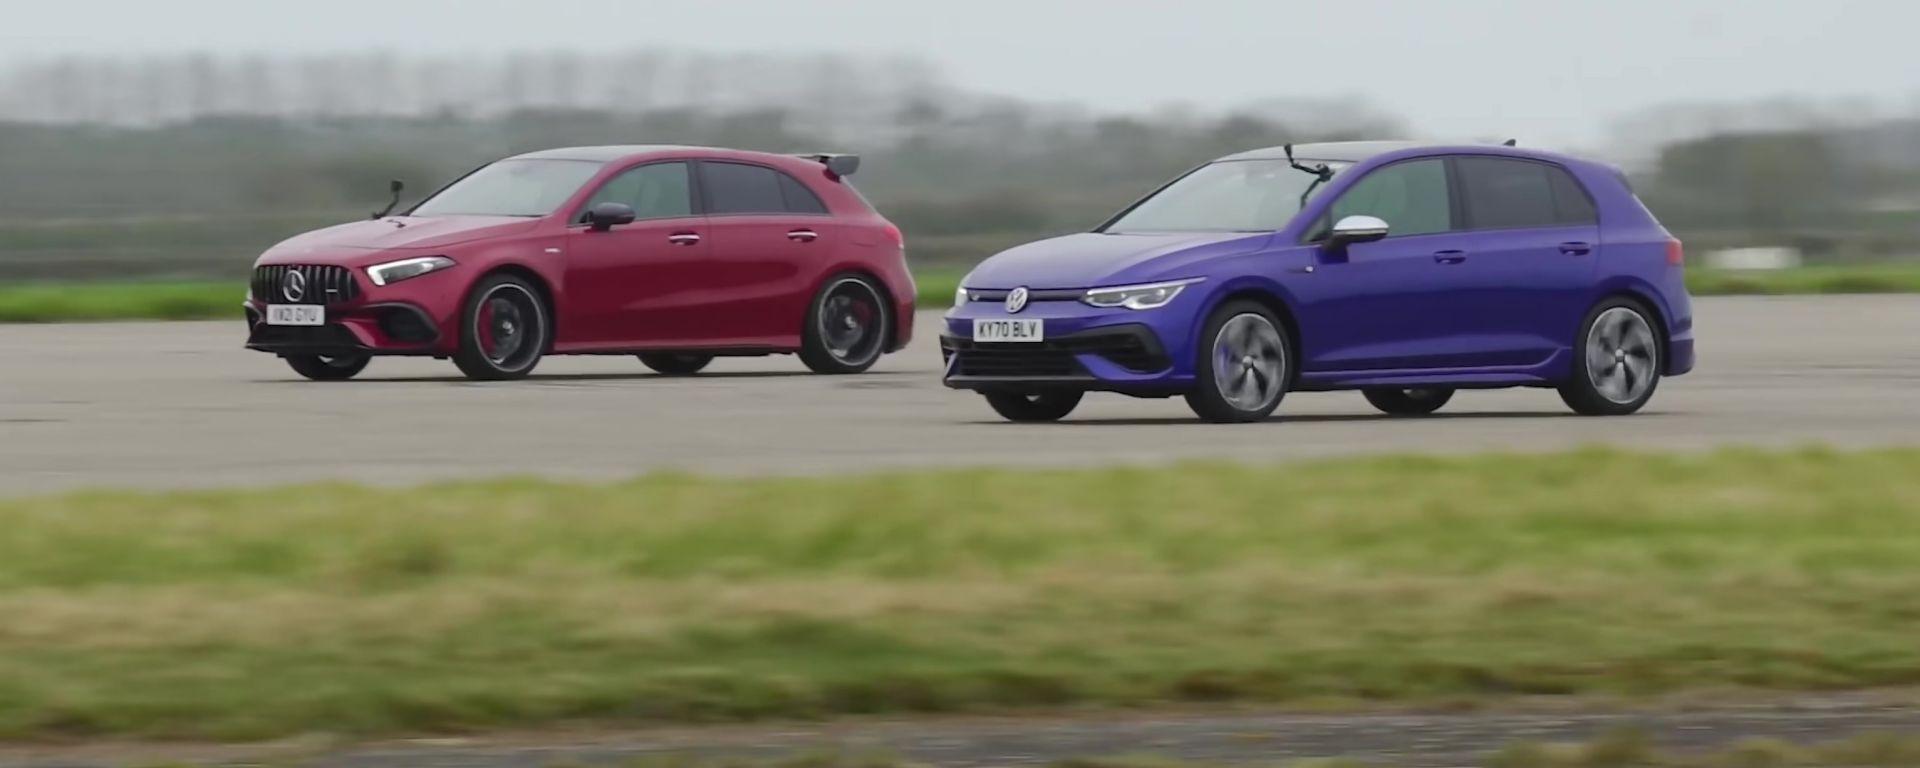 VW Golf R vs AMG A45 S, la madre di tutte le drag race. VIDEO